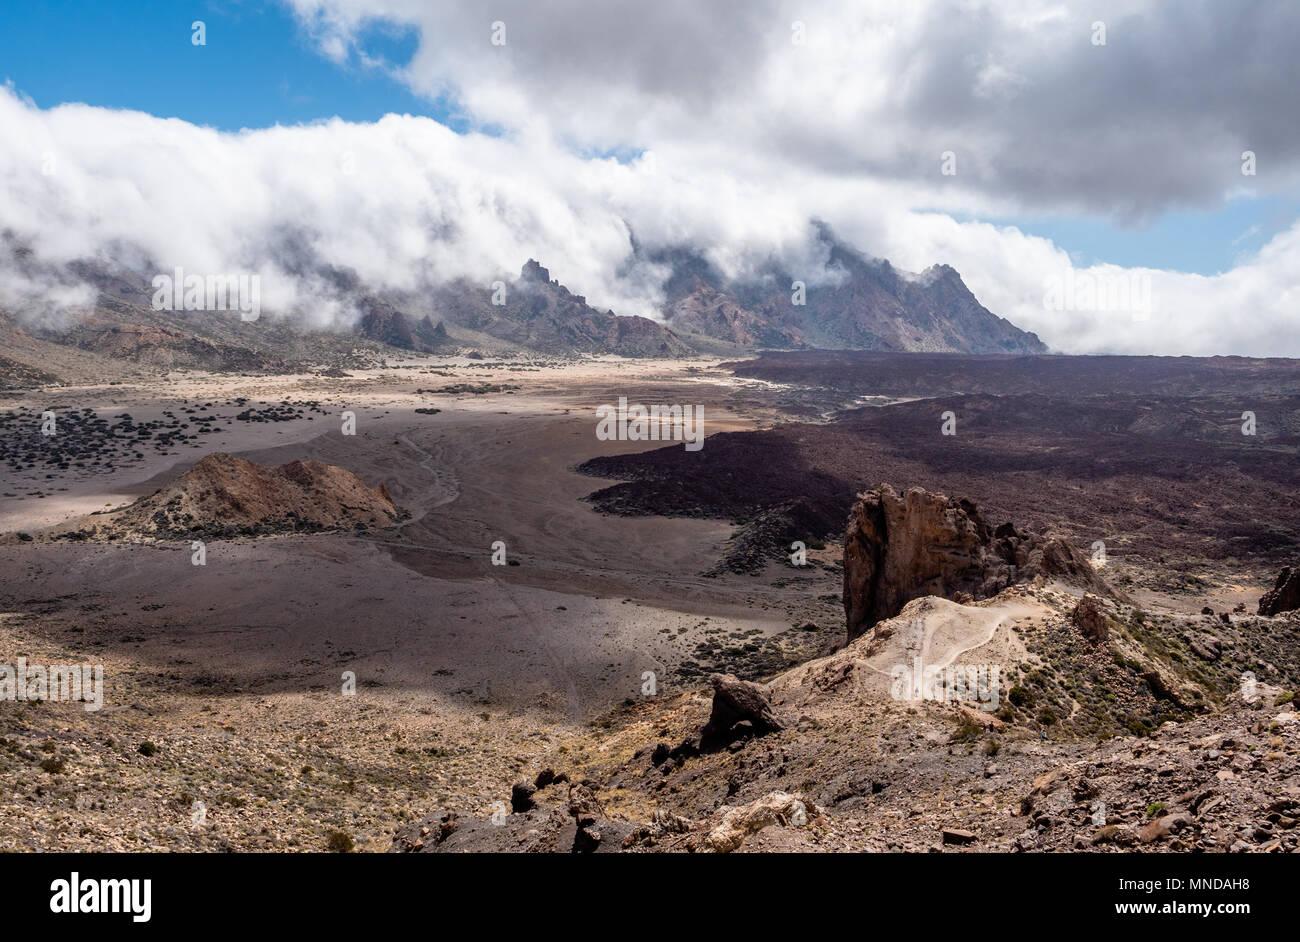 Blick von der Roques de Garcia über die Lavaströme und die Berge von Las Canadas und die Ebene der Ucanca auf den Berg Teide auf den Kanarischen Inseln Stockbild